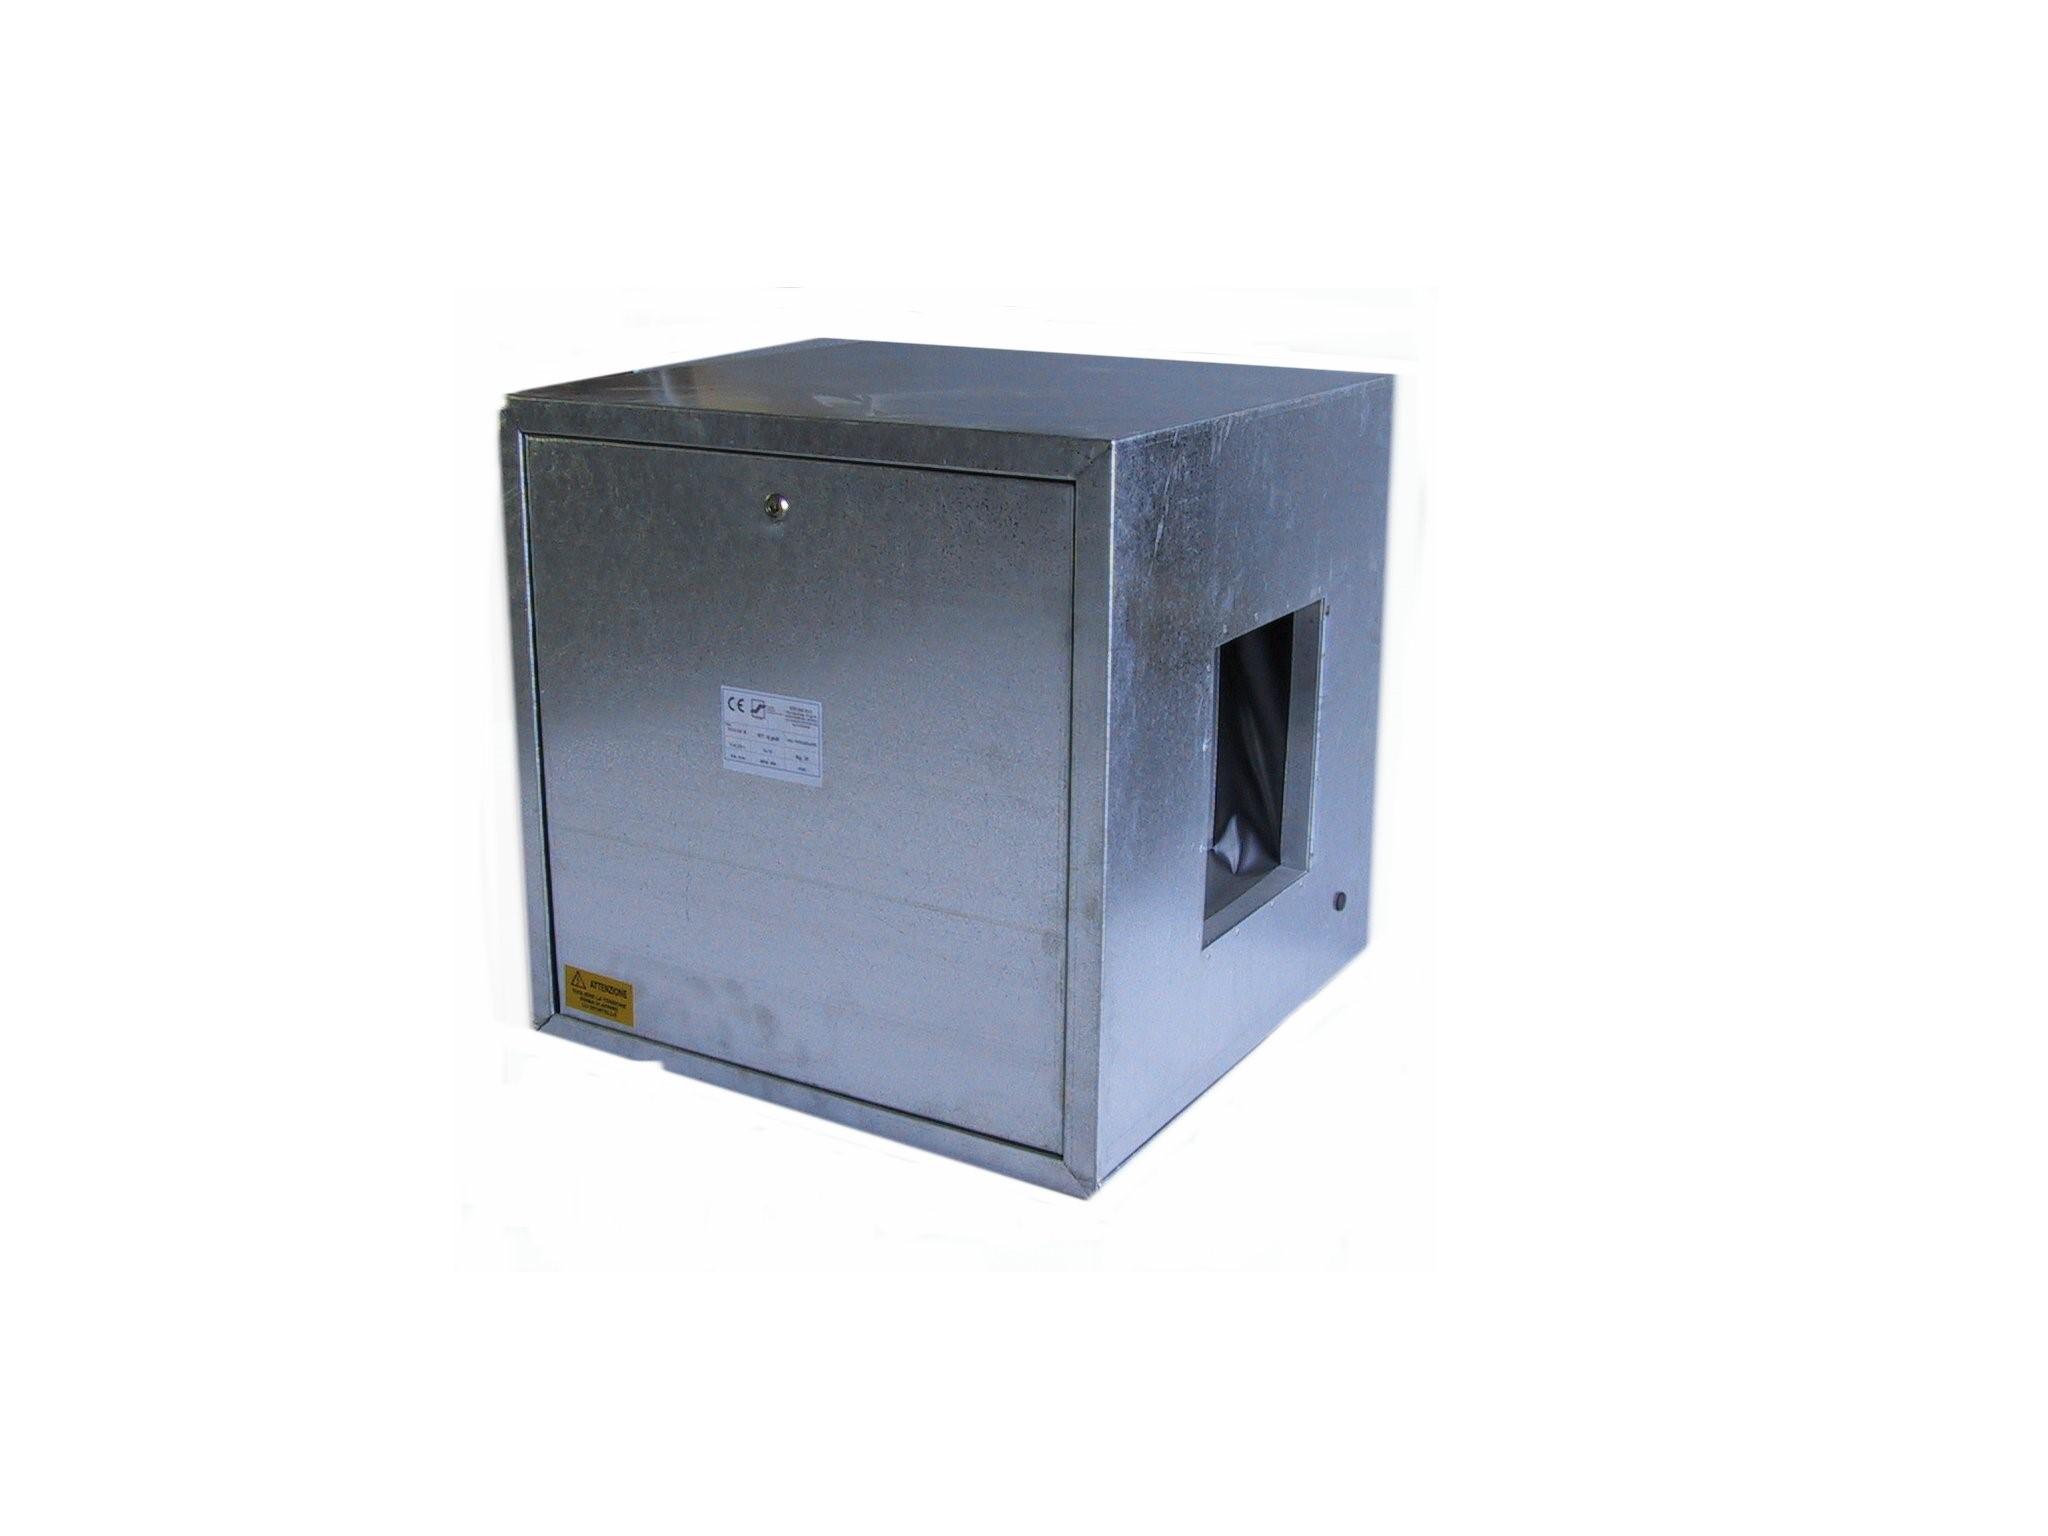 Ventilatore cassonato a semplice aspirazione con motore direttamente accoppiato 2,2 Kw 380 V grandezza 311